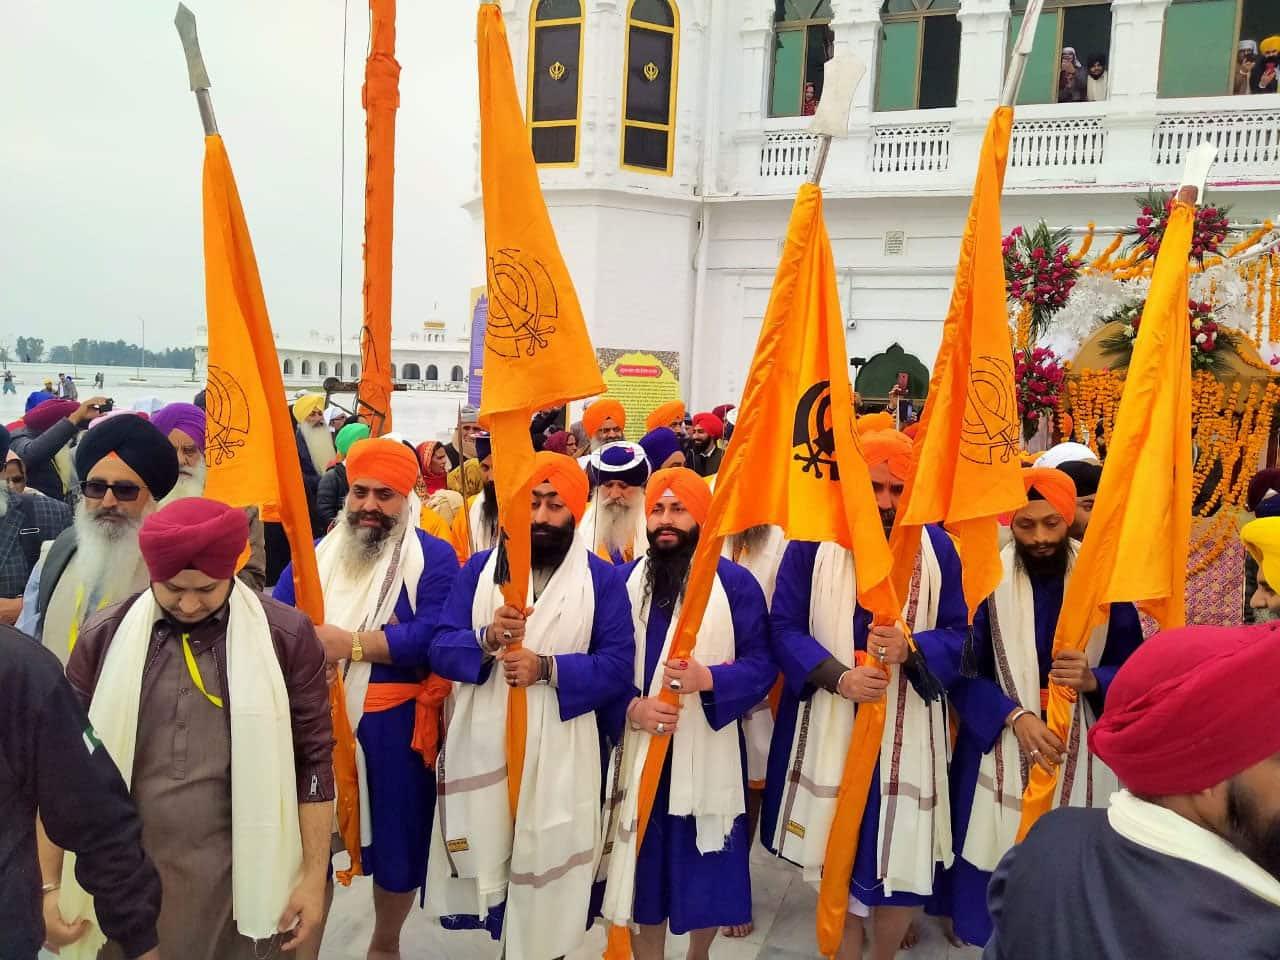 Sikh devotees at Gurdwara Darbar Sahib Kartarpur